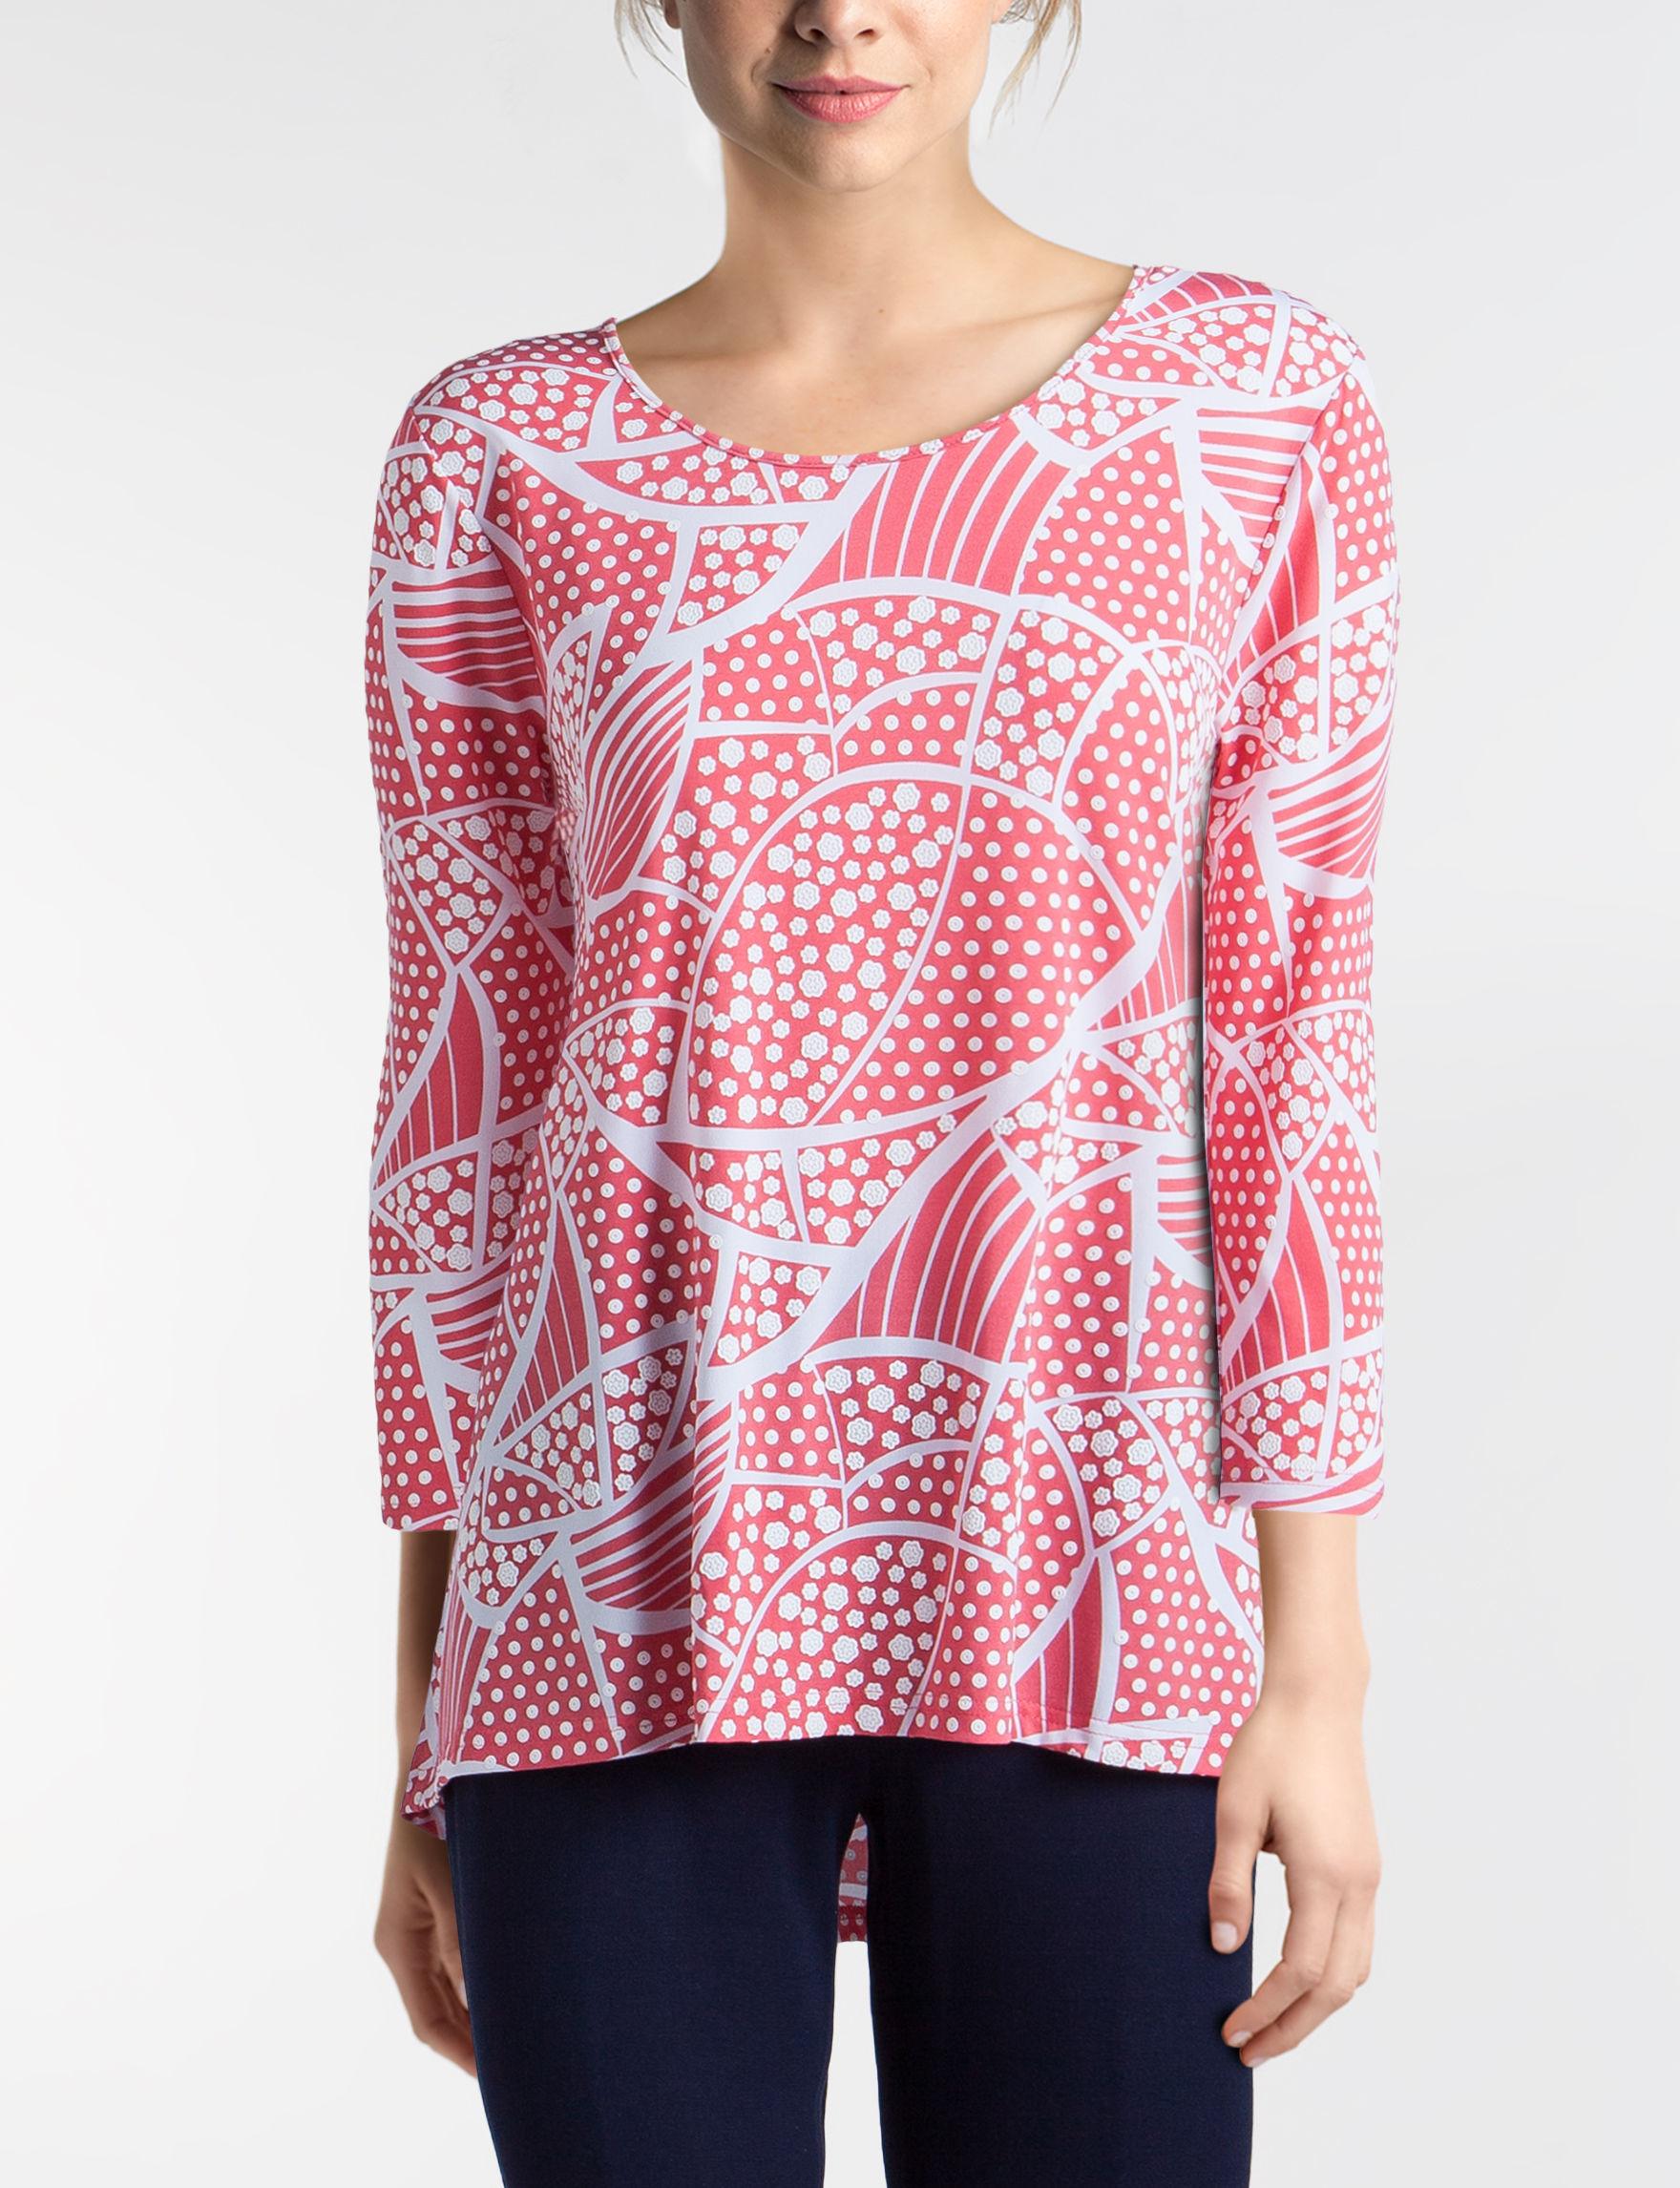 Valerie Stevens Coral / White Shirts & Blouses